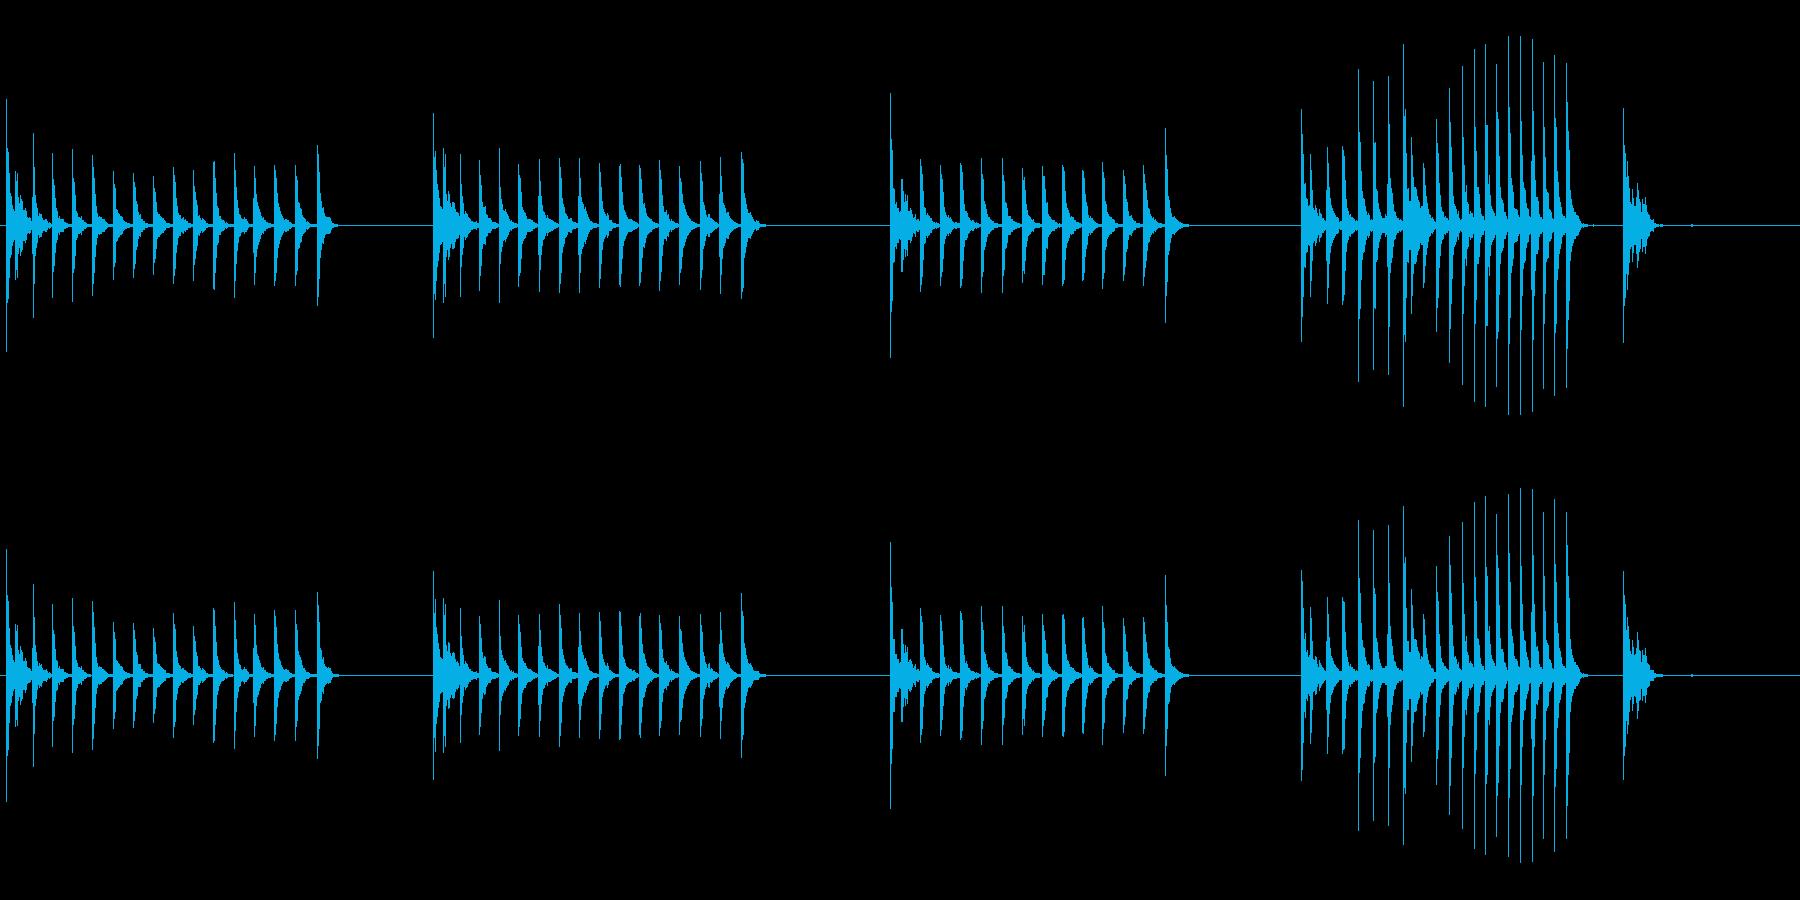 大太鼓21山ヲロシ歌舞伎情景描写和風和太の再生済みの波形